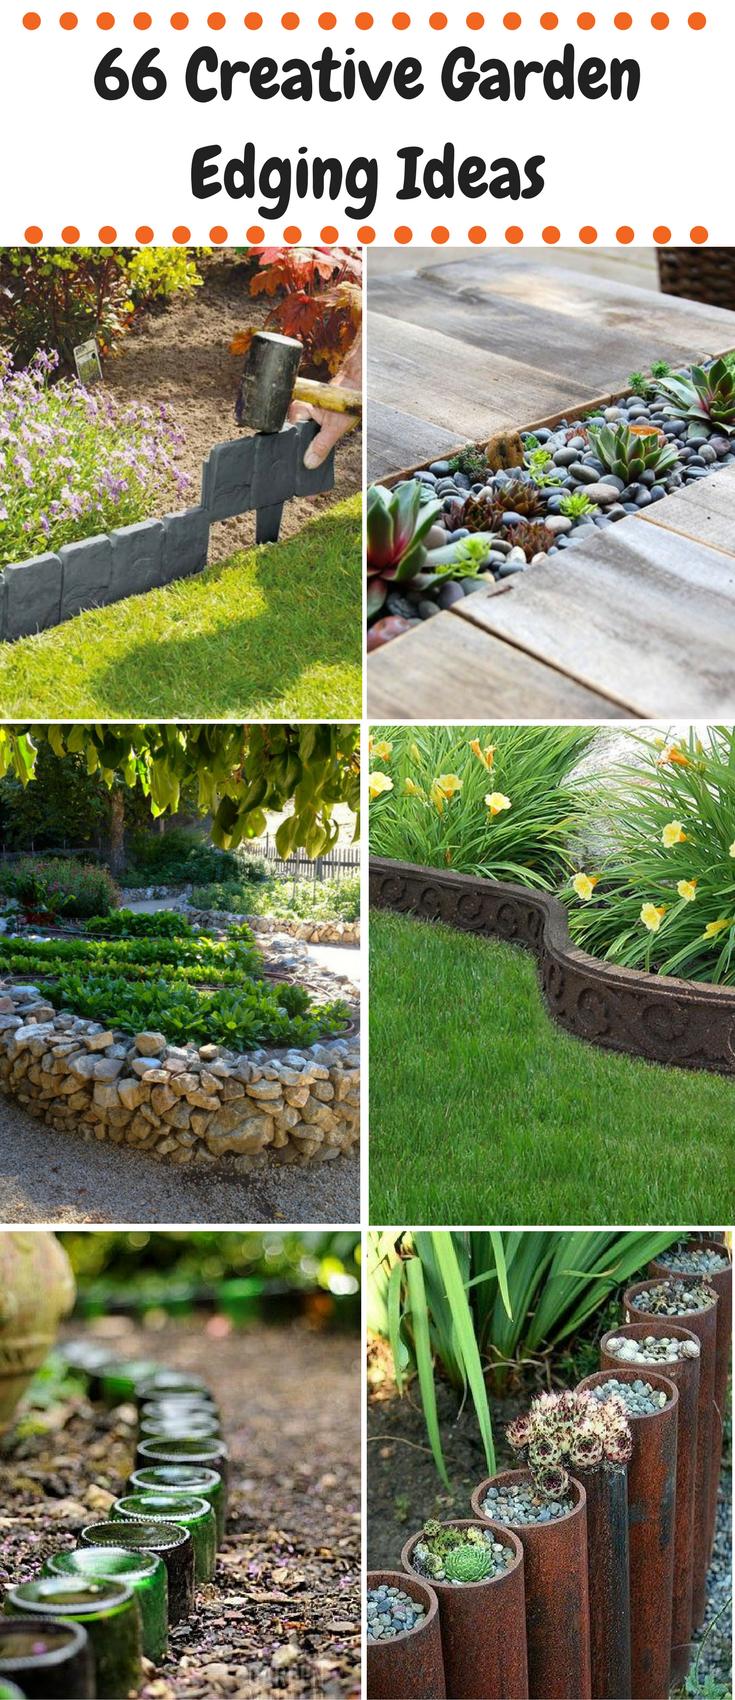 66 Creative Garden Edging Ideas